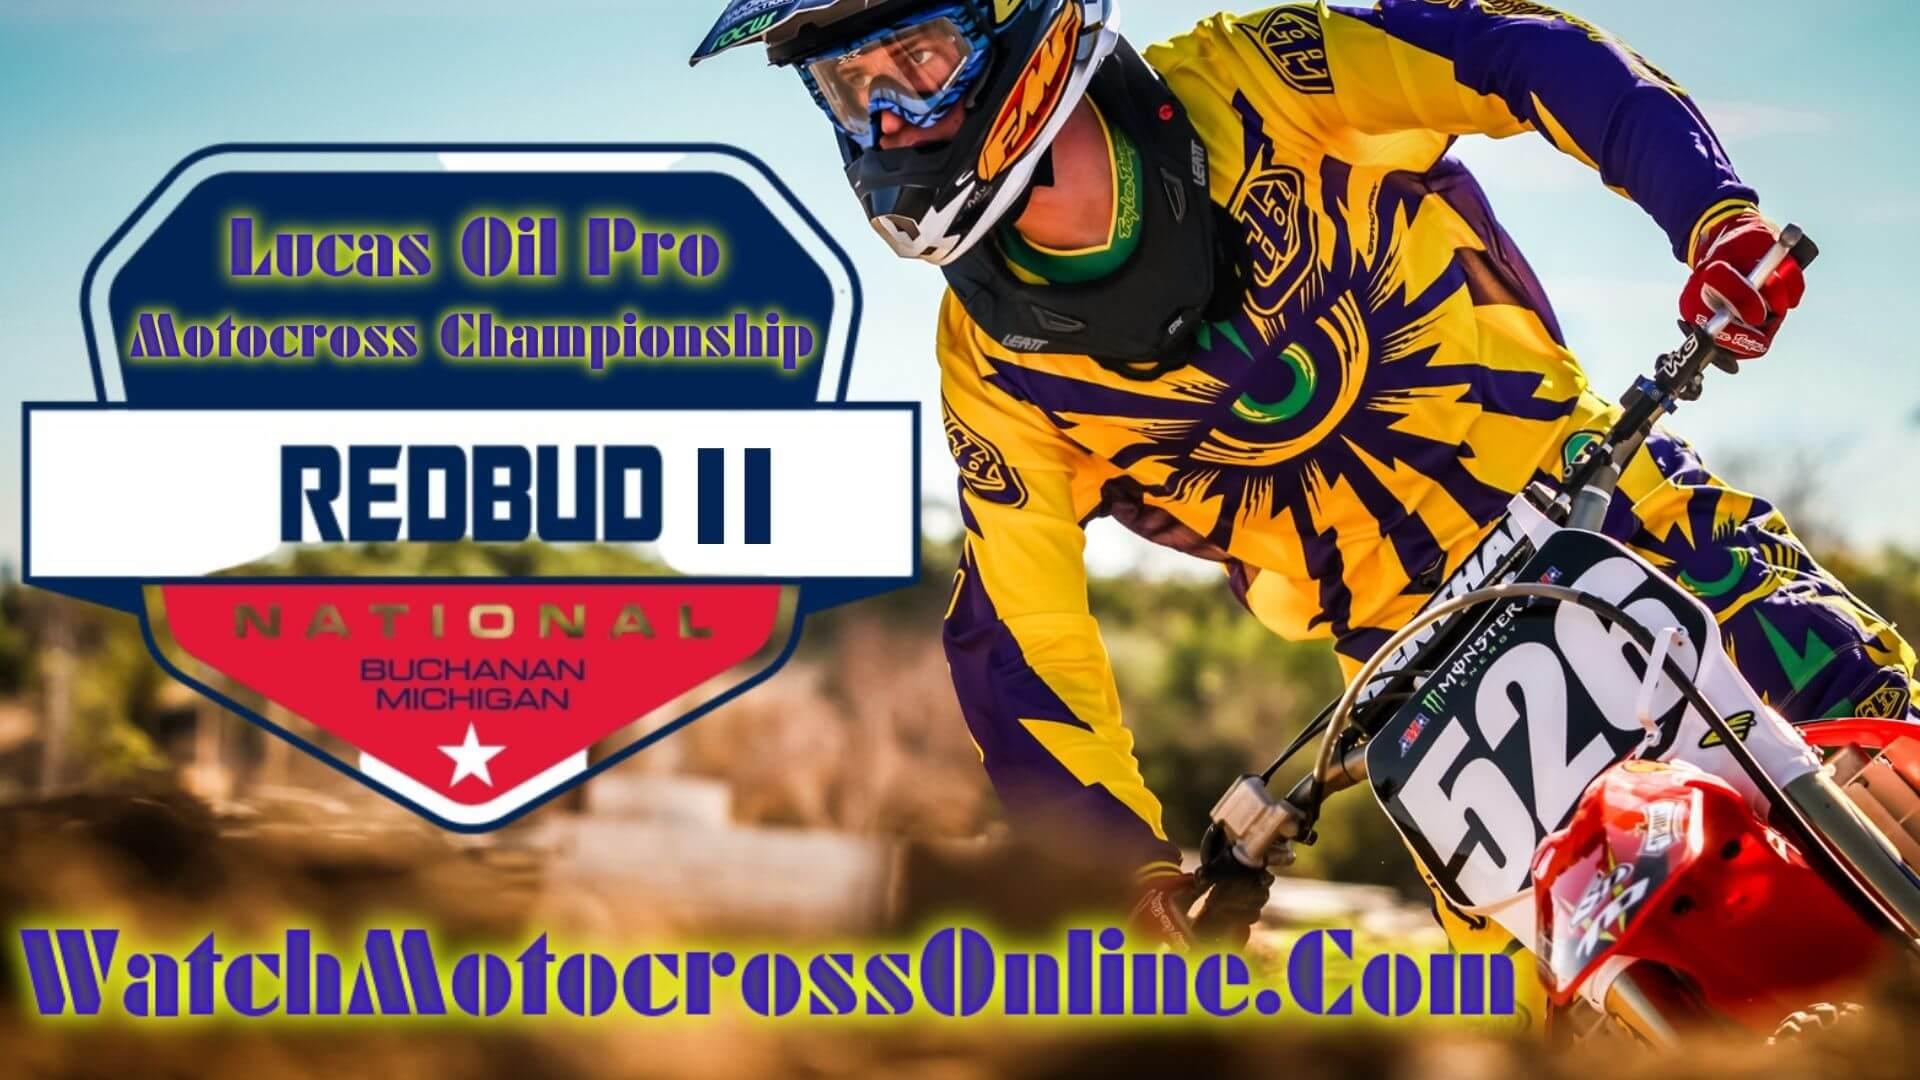 redbud-national-motocross-live-stream